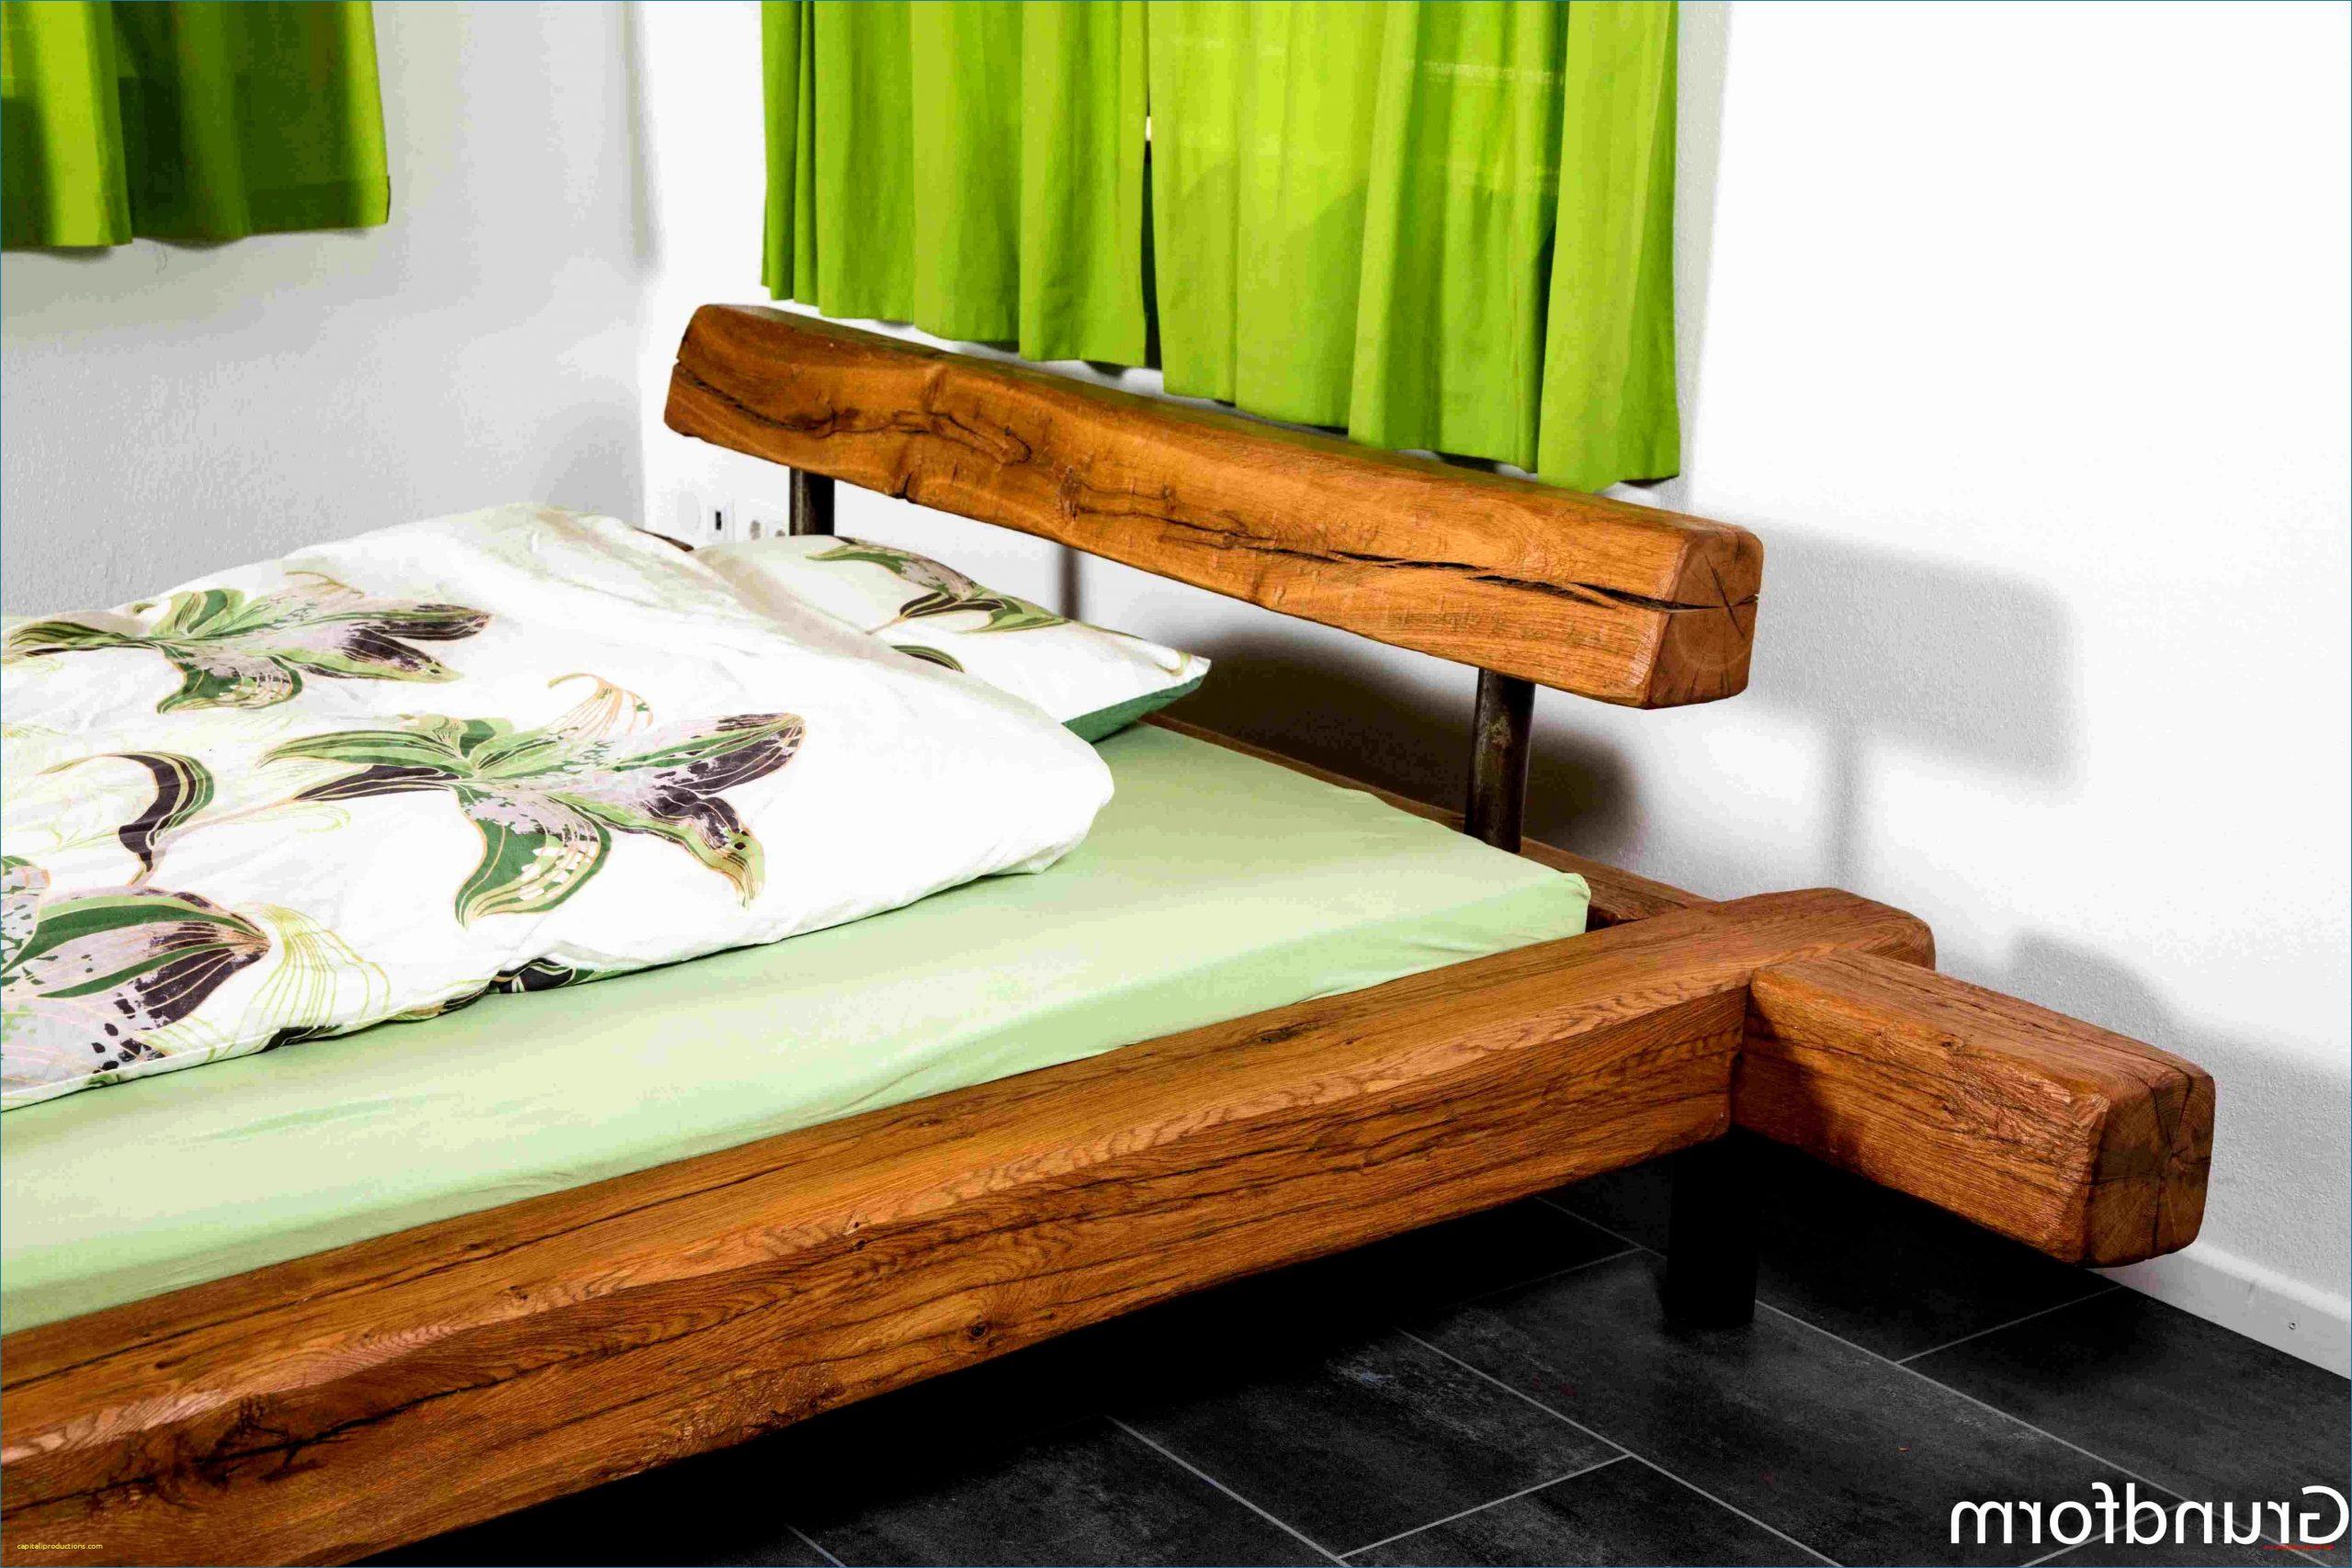 Full Size of Einfaches Bett Selber Bauen Eiche 3d Modell 4 Mafb3ds 120 200 Schwarzes Balken Stabiles Altes Günstige Betten Sonoma 140 X 180x200 Günstig 160x200 Mit Wohnzimmer Einfaches Bett Selber Bauen